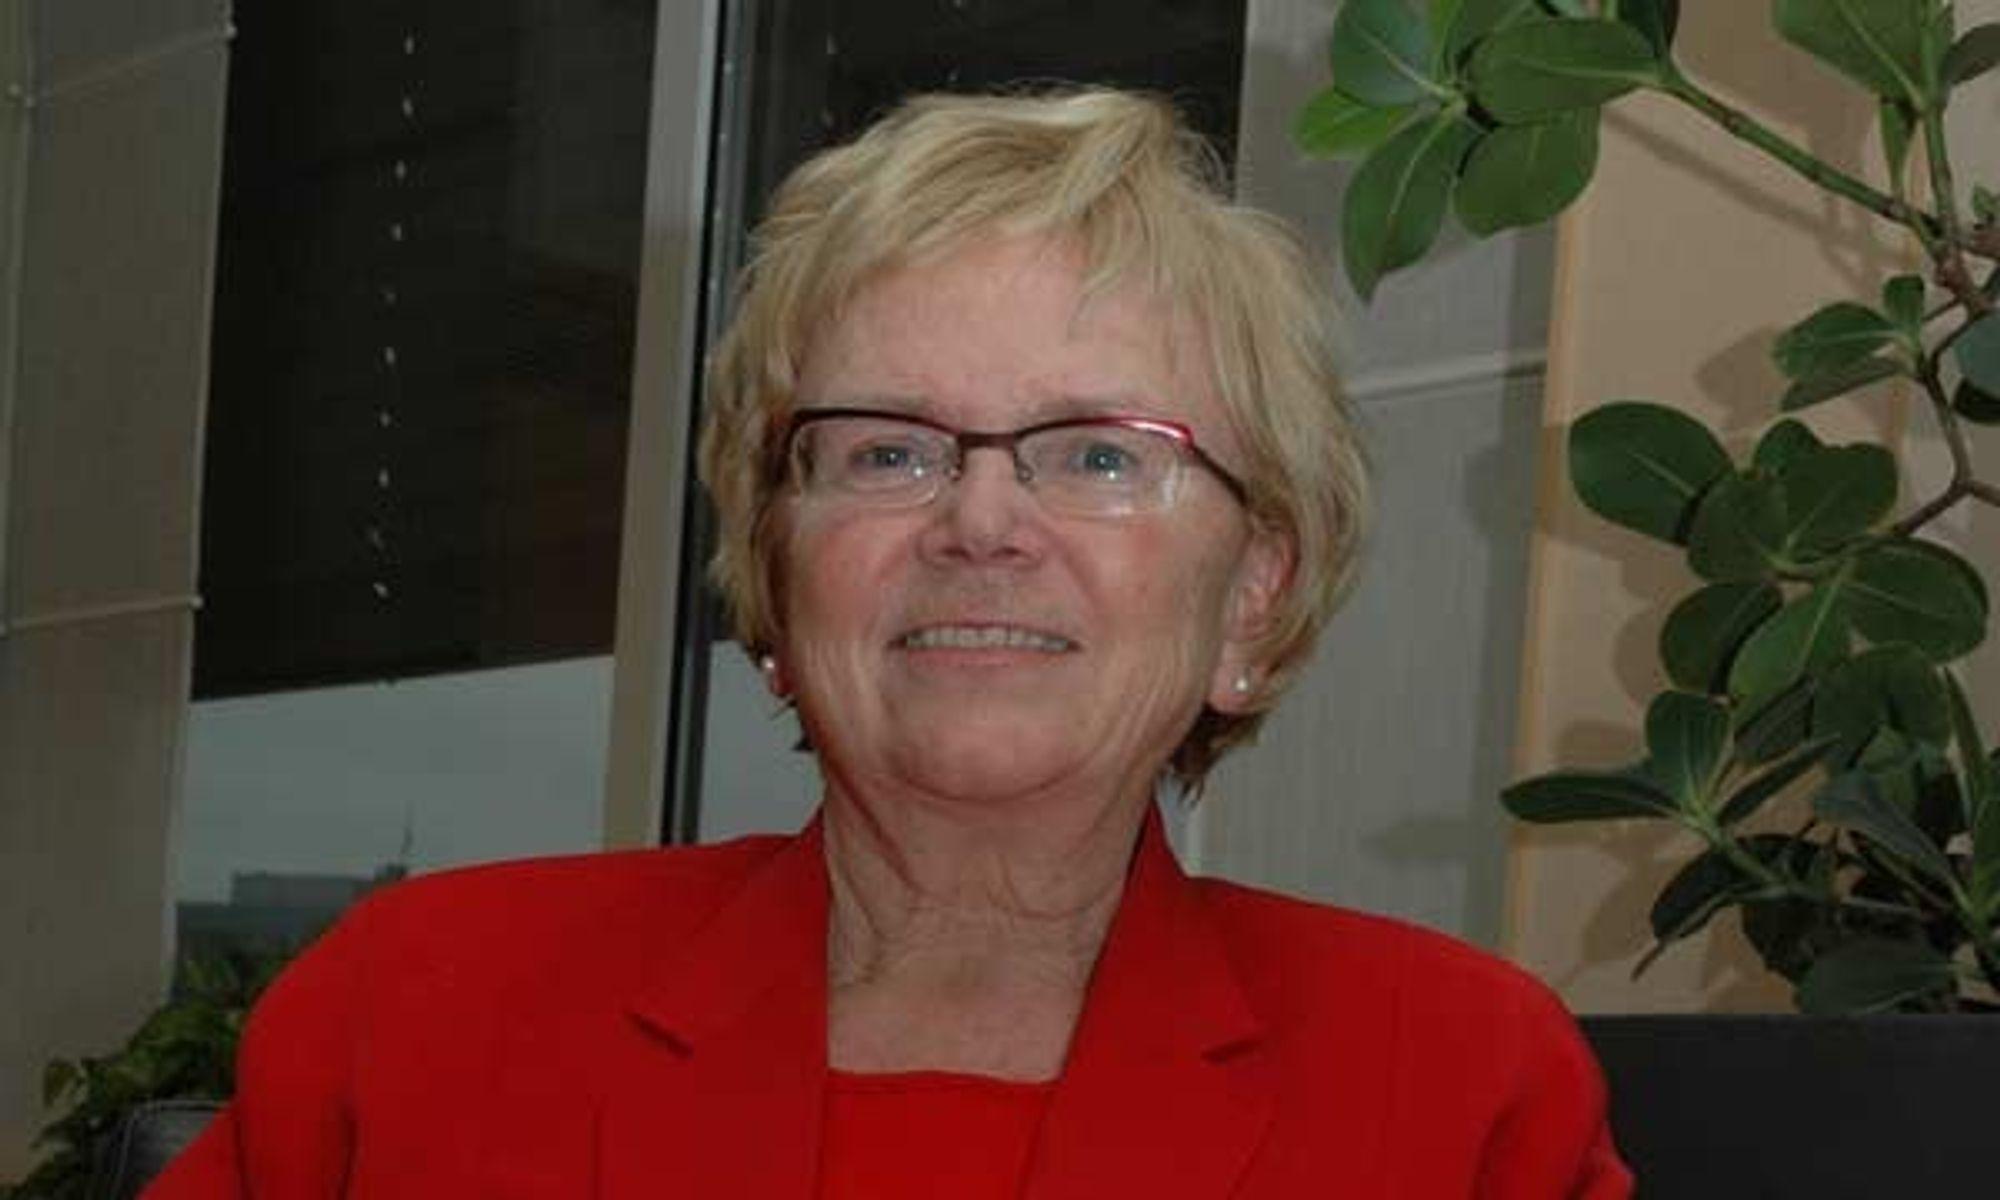 ¿ Den nye loven vil sikre forbrukerne og husbyggerne bedre rettigheter, sier statsråd Magnhild Meltveit Kleppa.